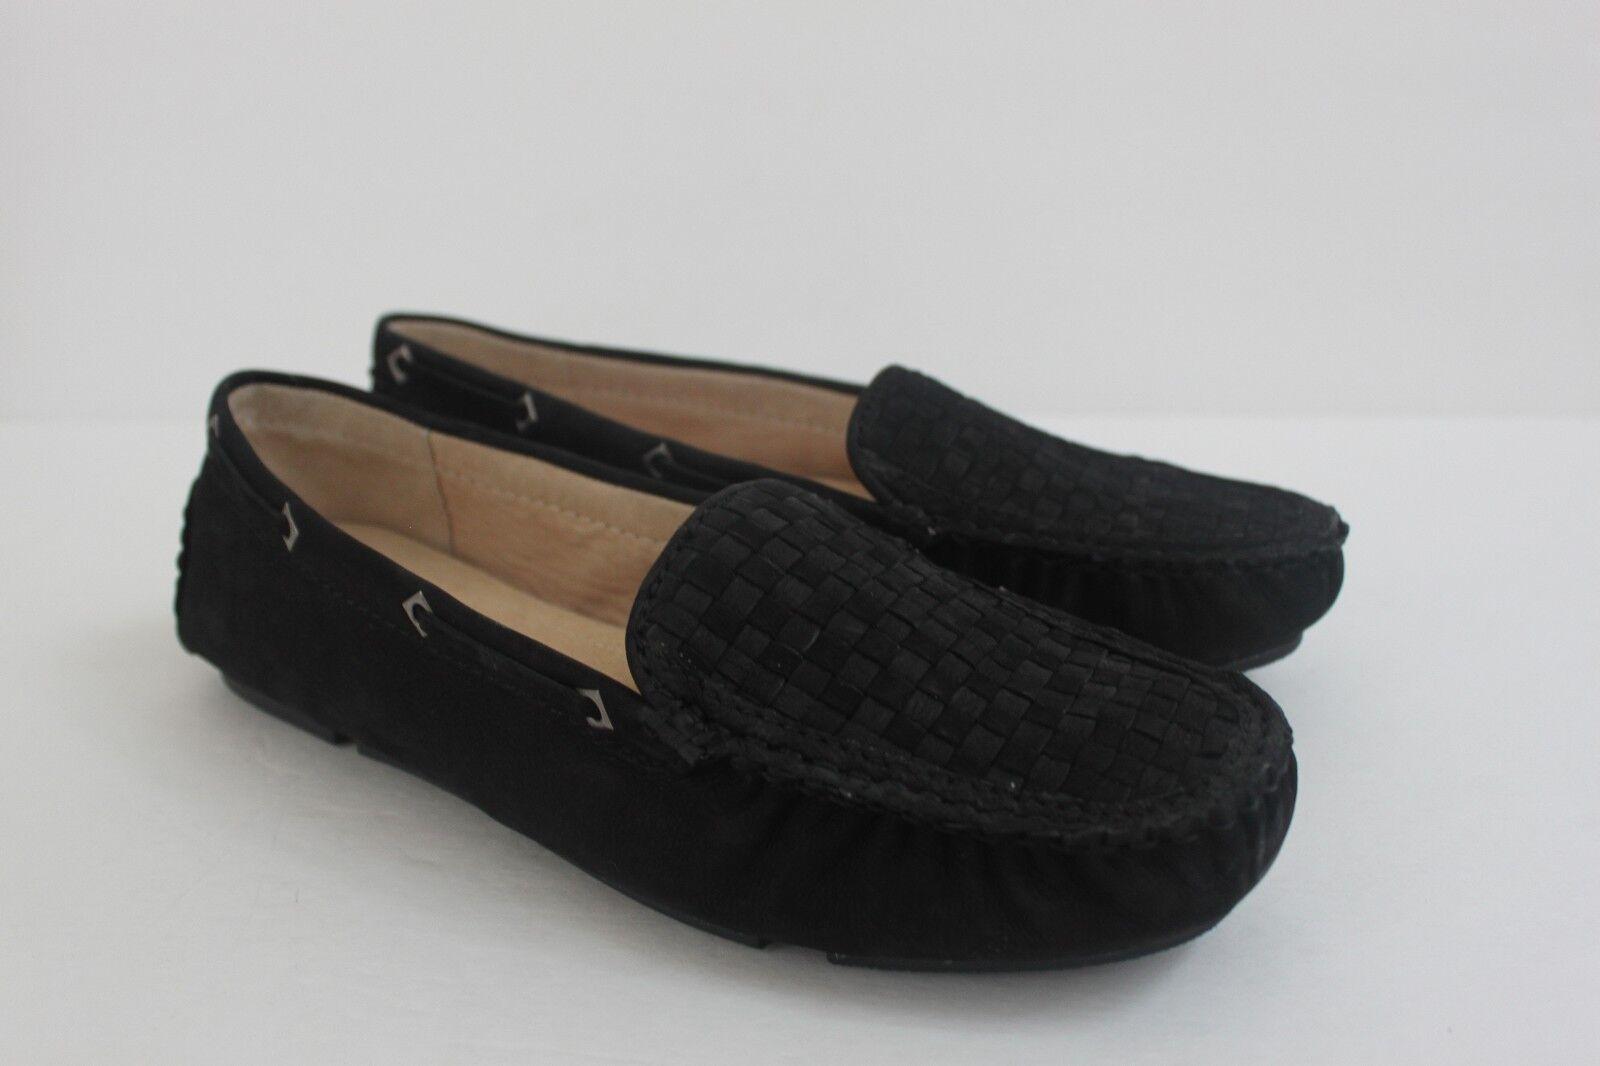 Alex Marie Femme Chaussure Noir Taille 7 cuir de chèvre cuir tissé Pilotes Mocassins